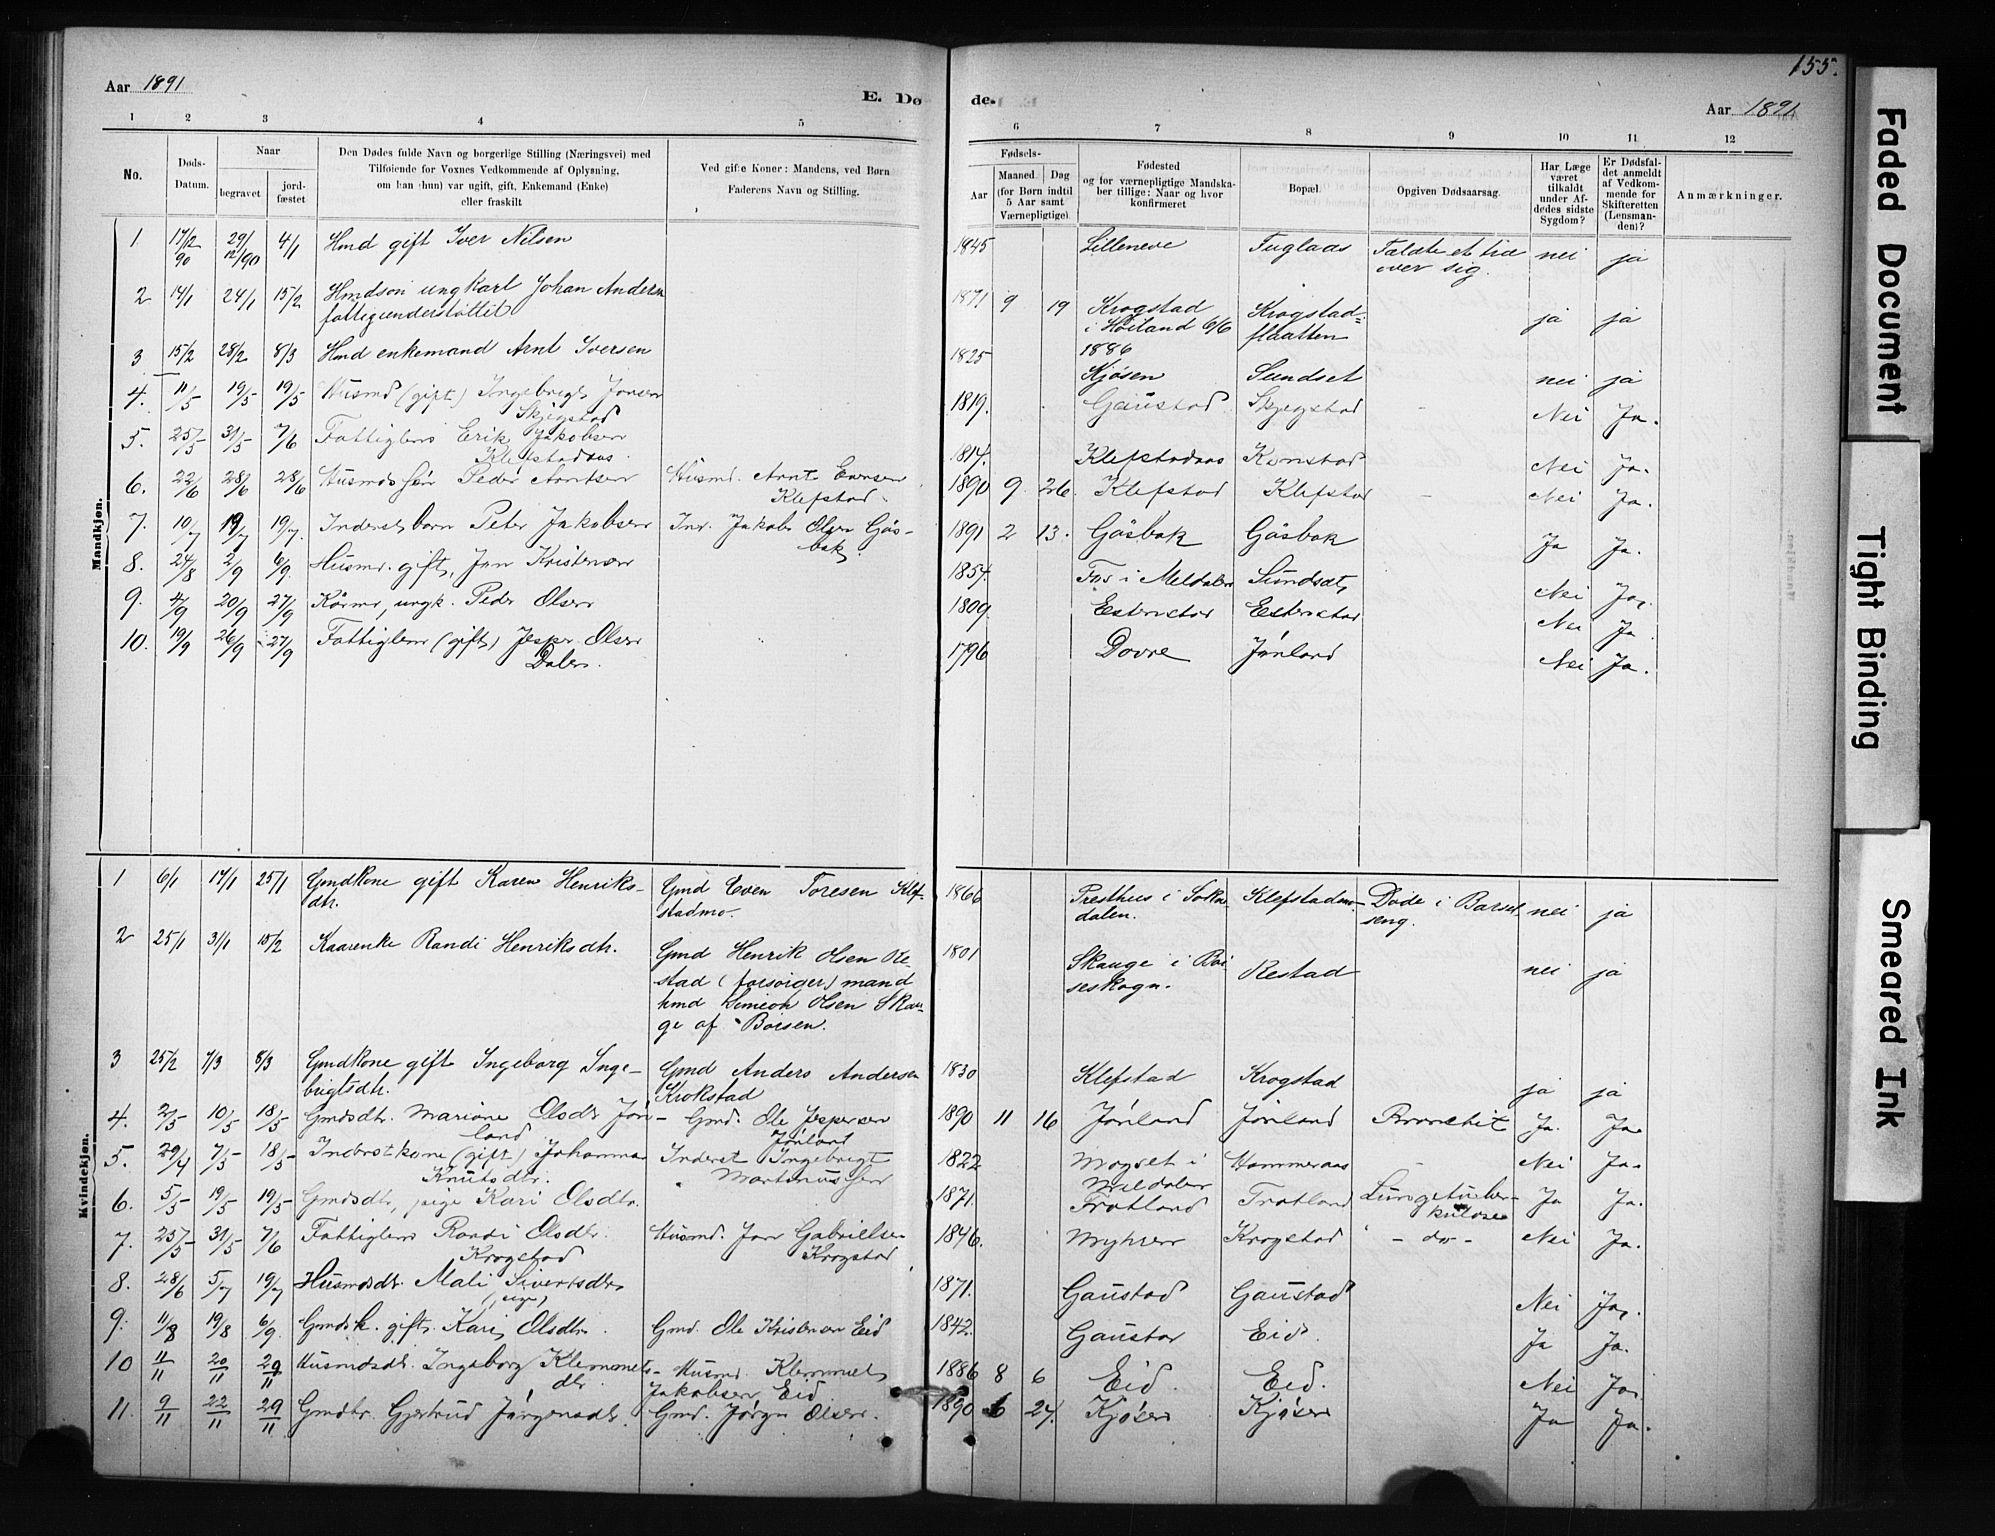 SAT, Ministerialprotokoller, klokkerbøker og fødselsregistre - Sør-Trøndelag, 694/L1127: Ministerialbok nr. 694A01, 1887-1905, s. 155